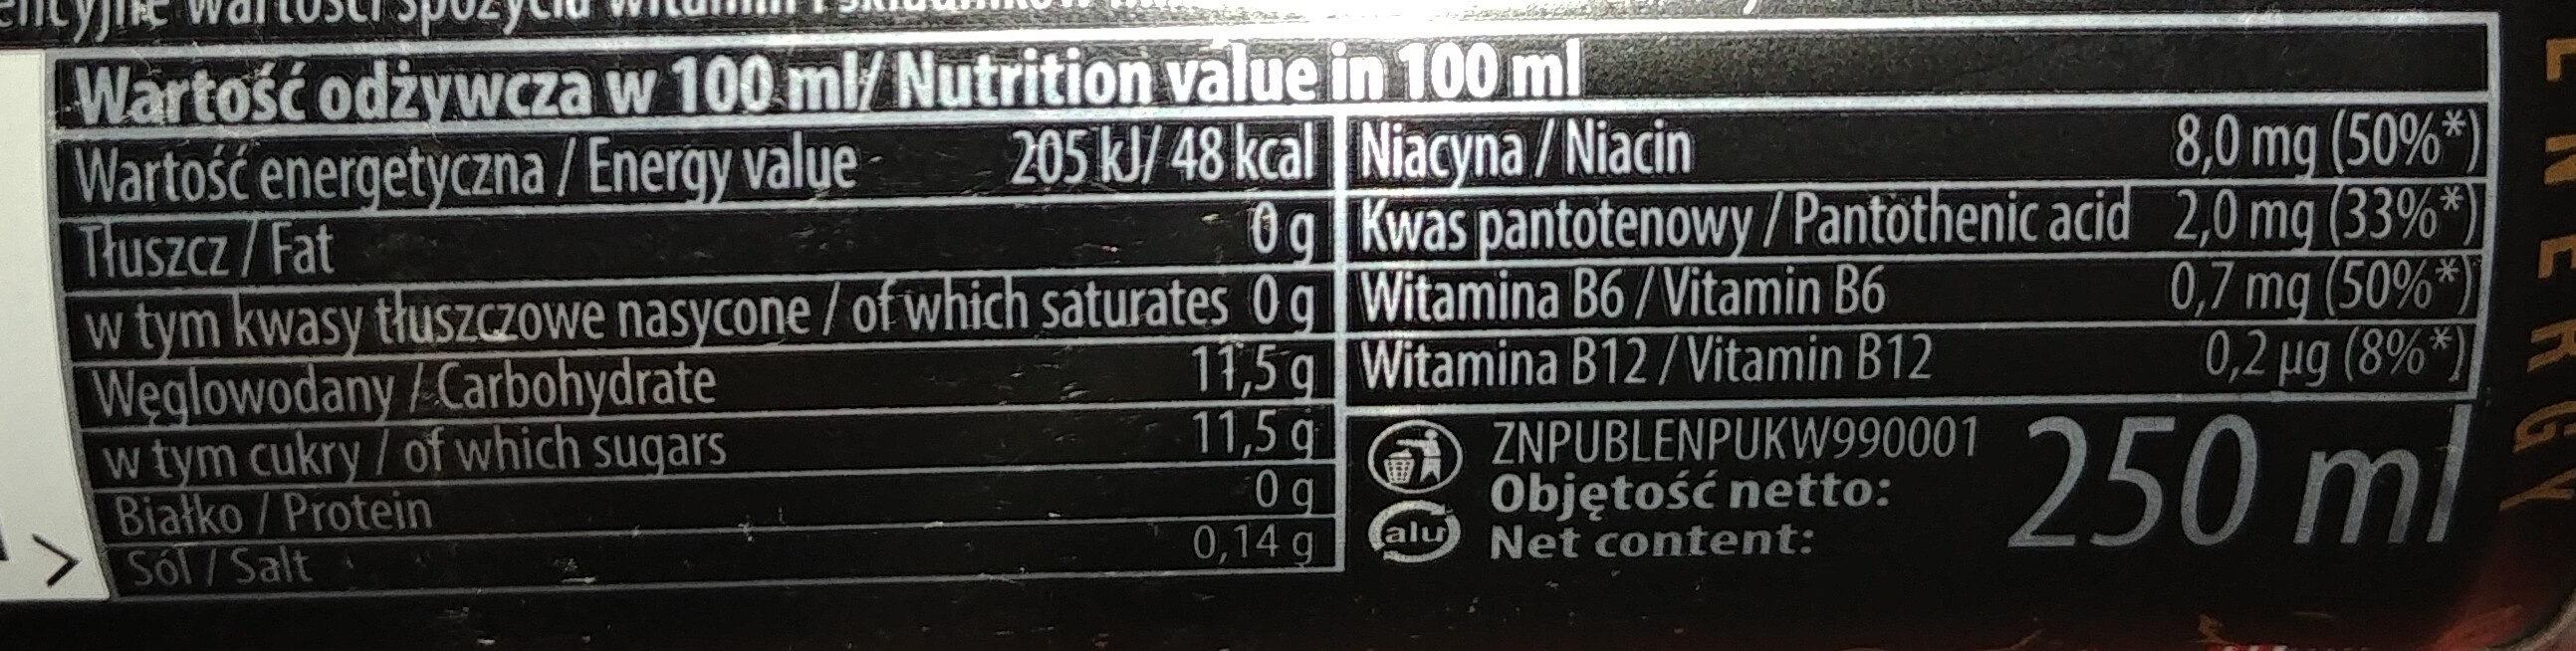 Gazowany napój energetyzujący o smaku kawowym z witaminami - Wartości odżywcze - pl